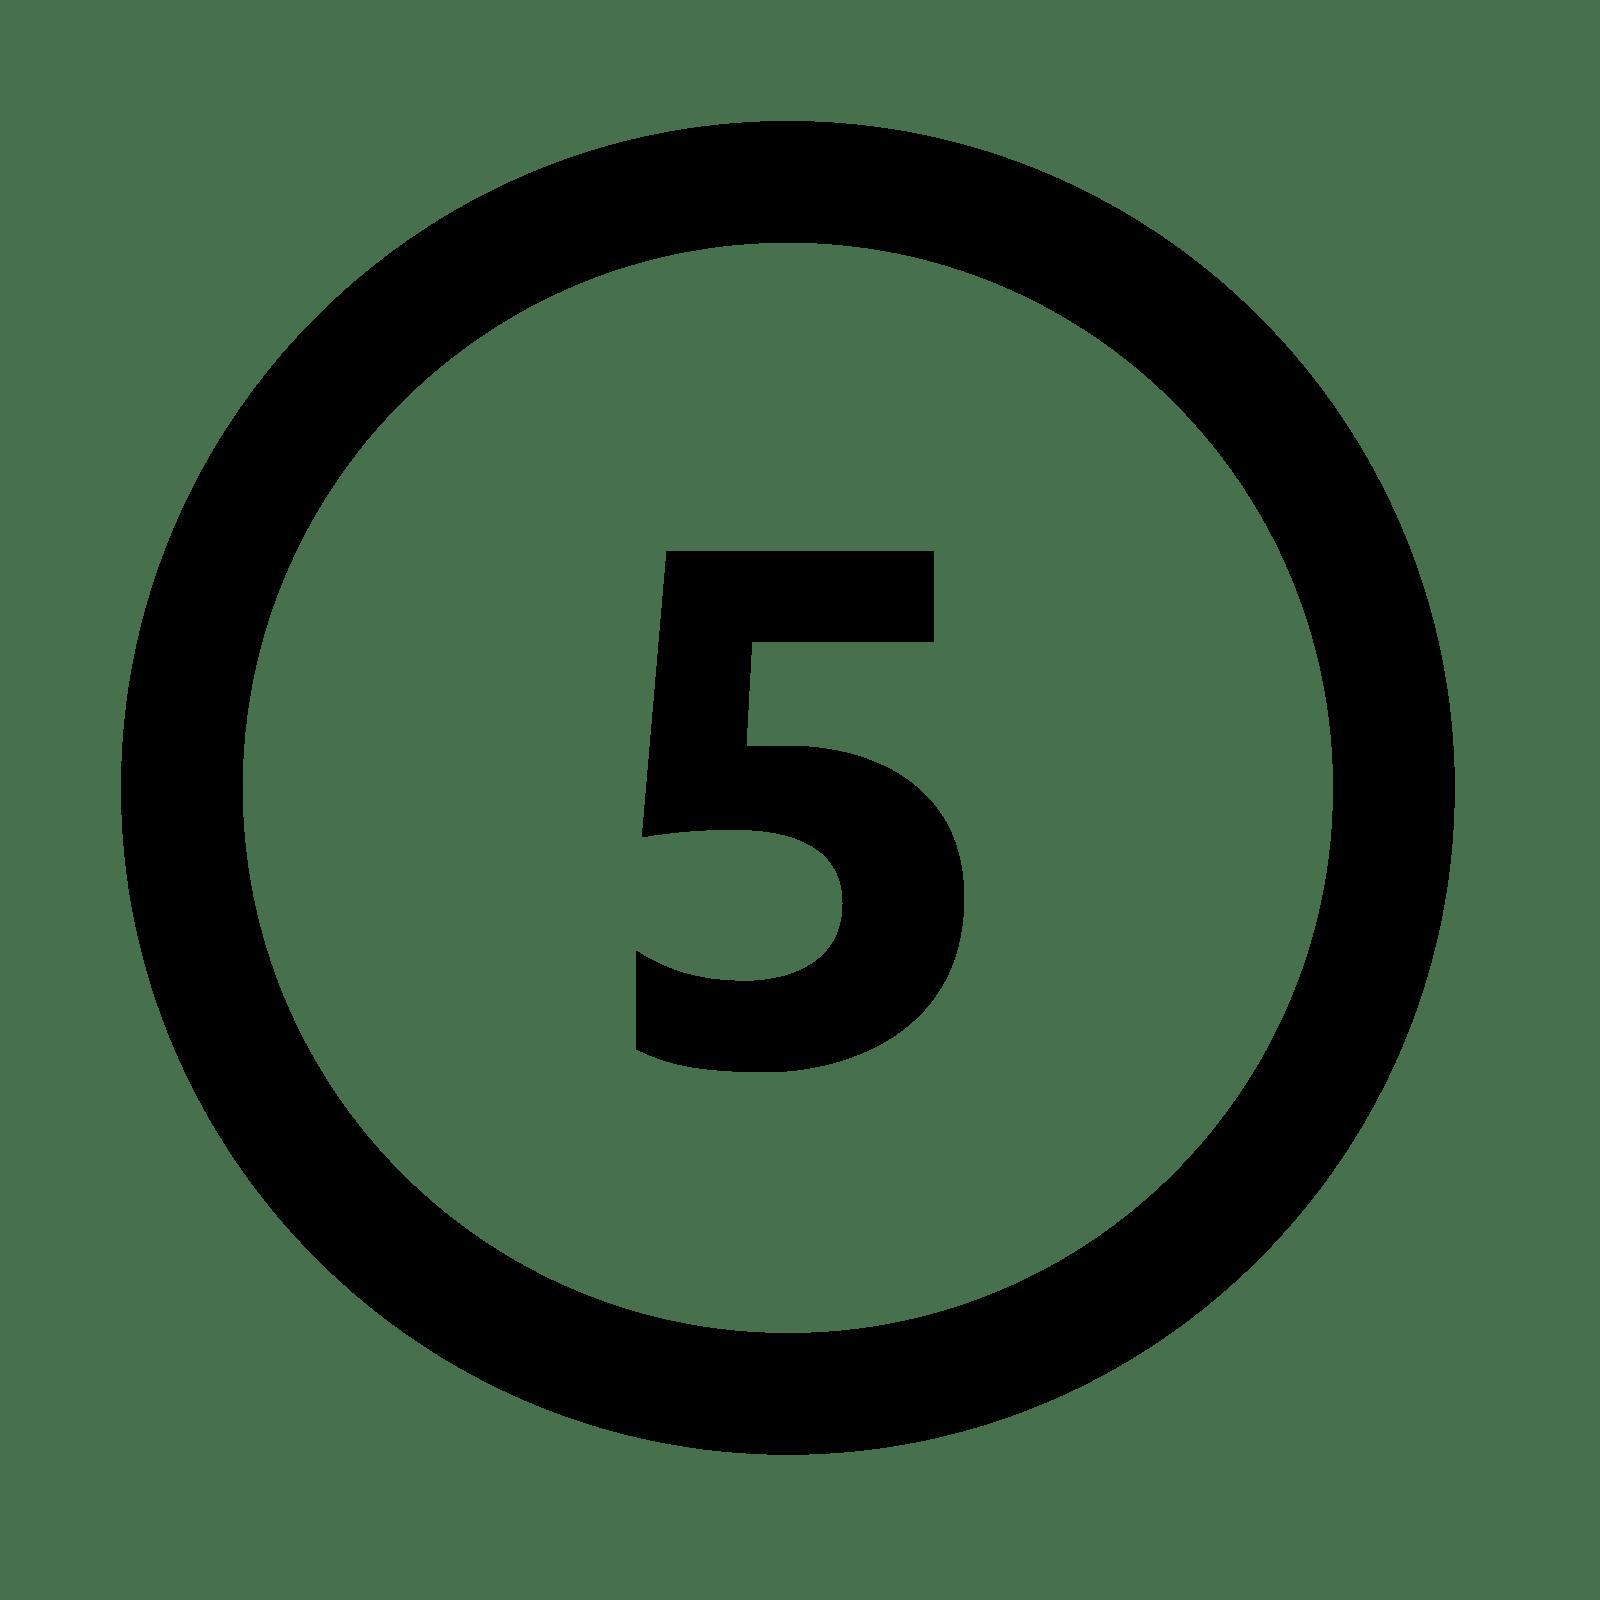 Number 6 Clipart Number5 Number 6 Number5 Transparent